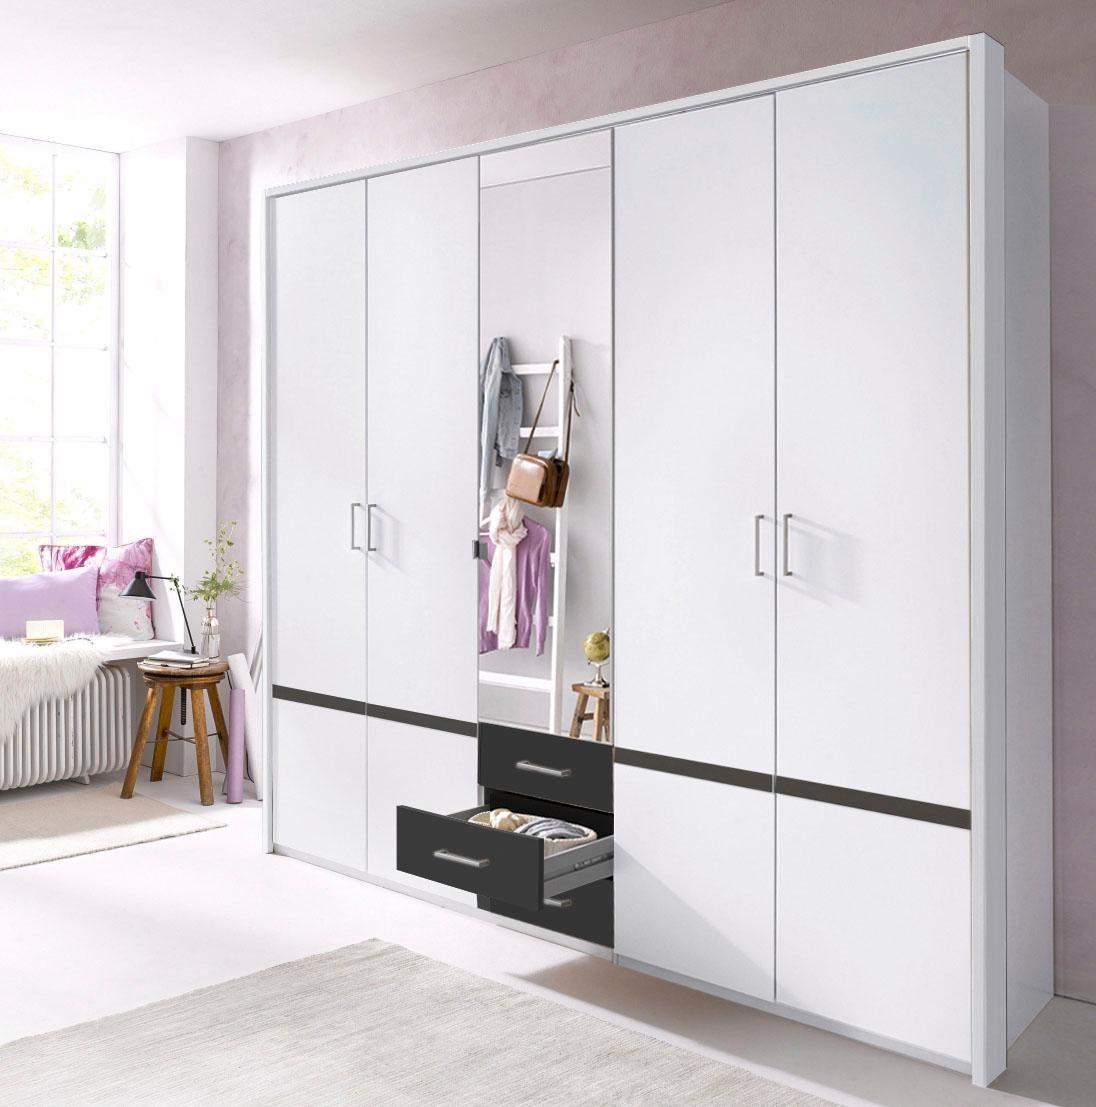 45 sparen wimex kleiderschrank 225cm breit nur 329 99 cherry m bel otto. Black Bedroom Furniture Sets. Home Design Ideas